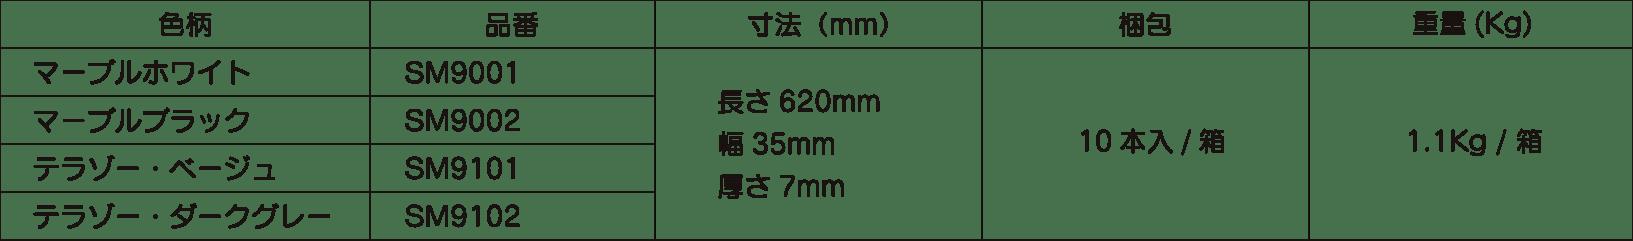 段差見切り材の大理石調サイズ表